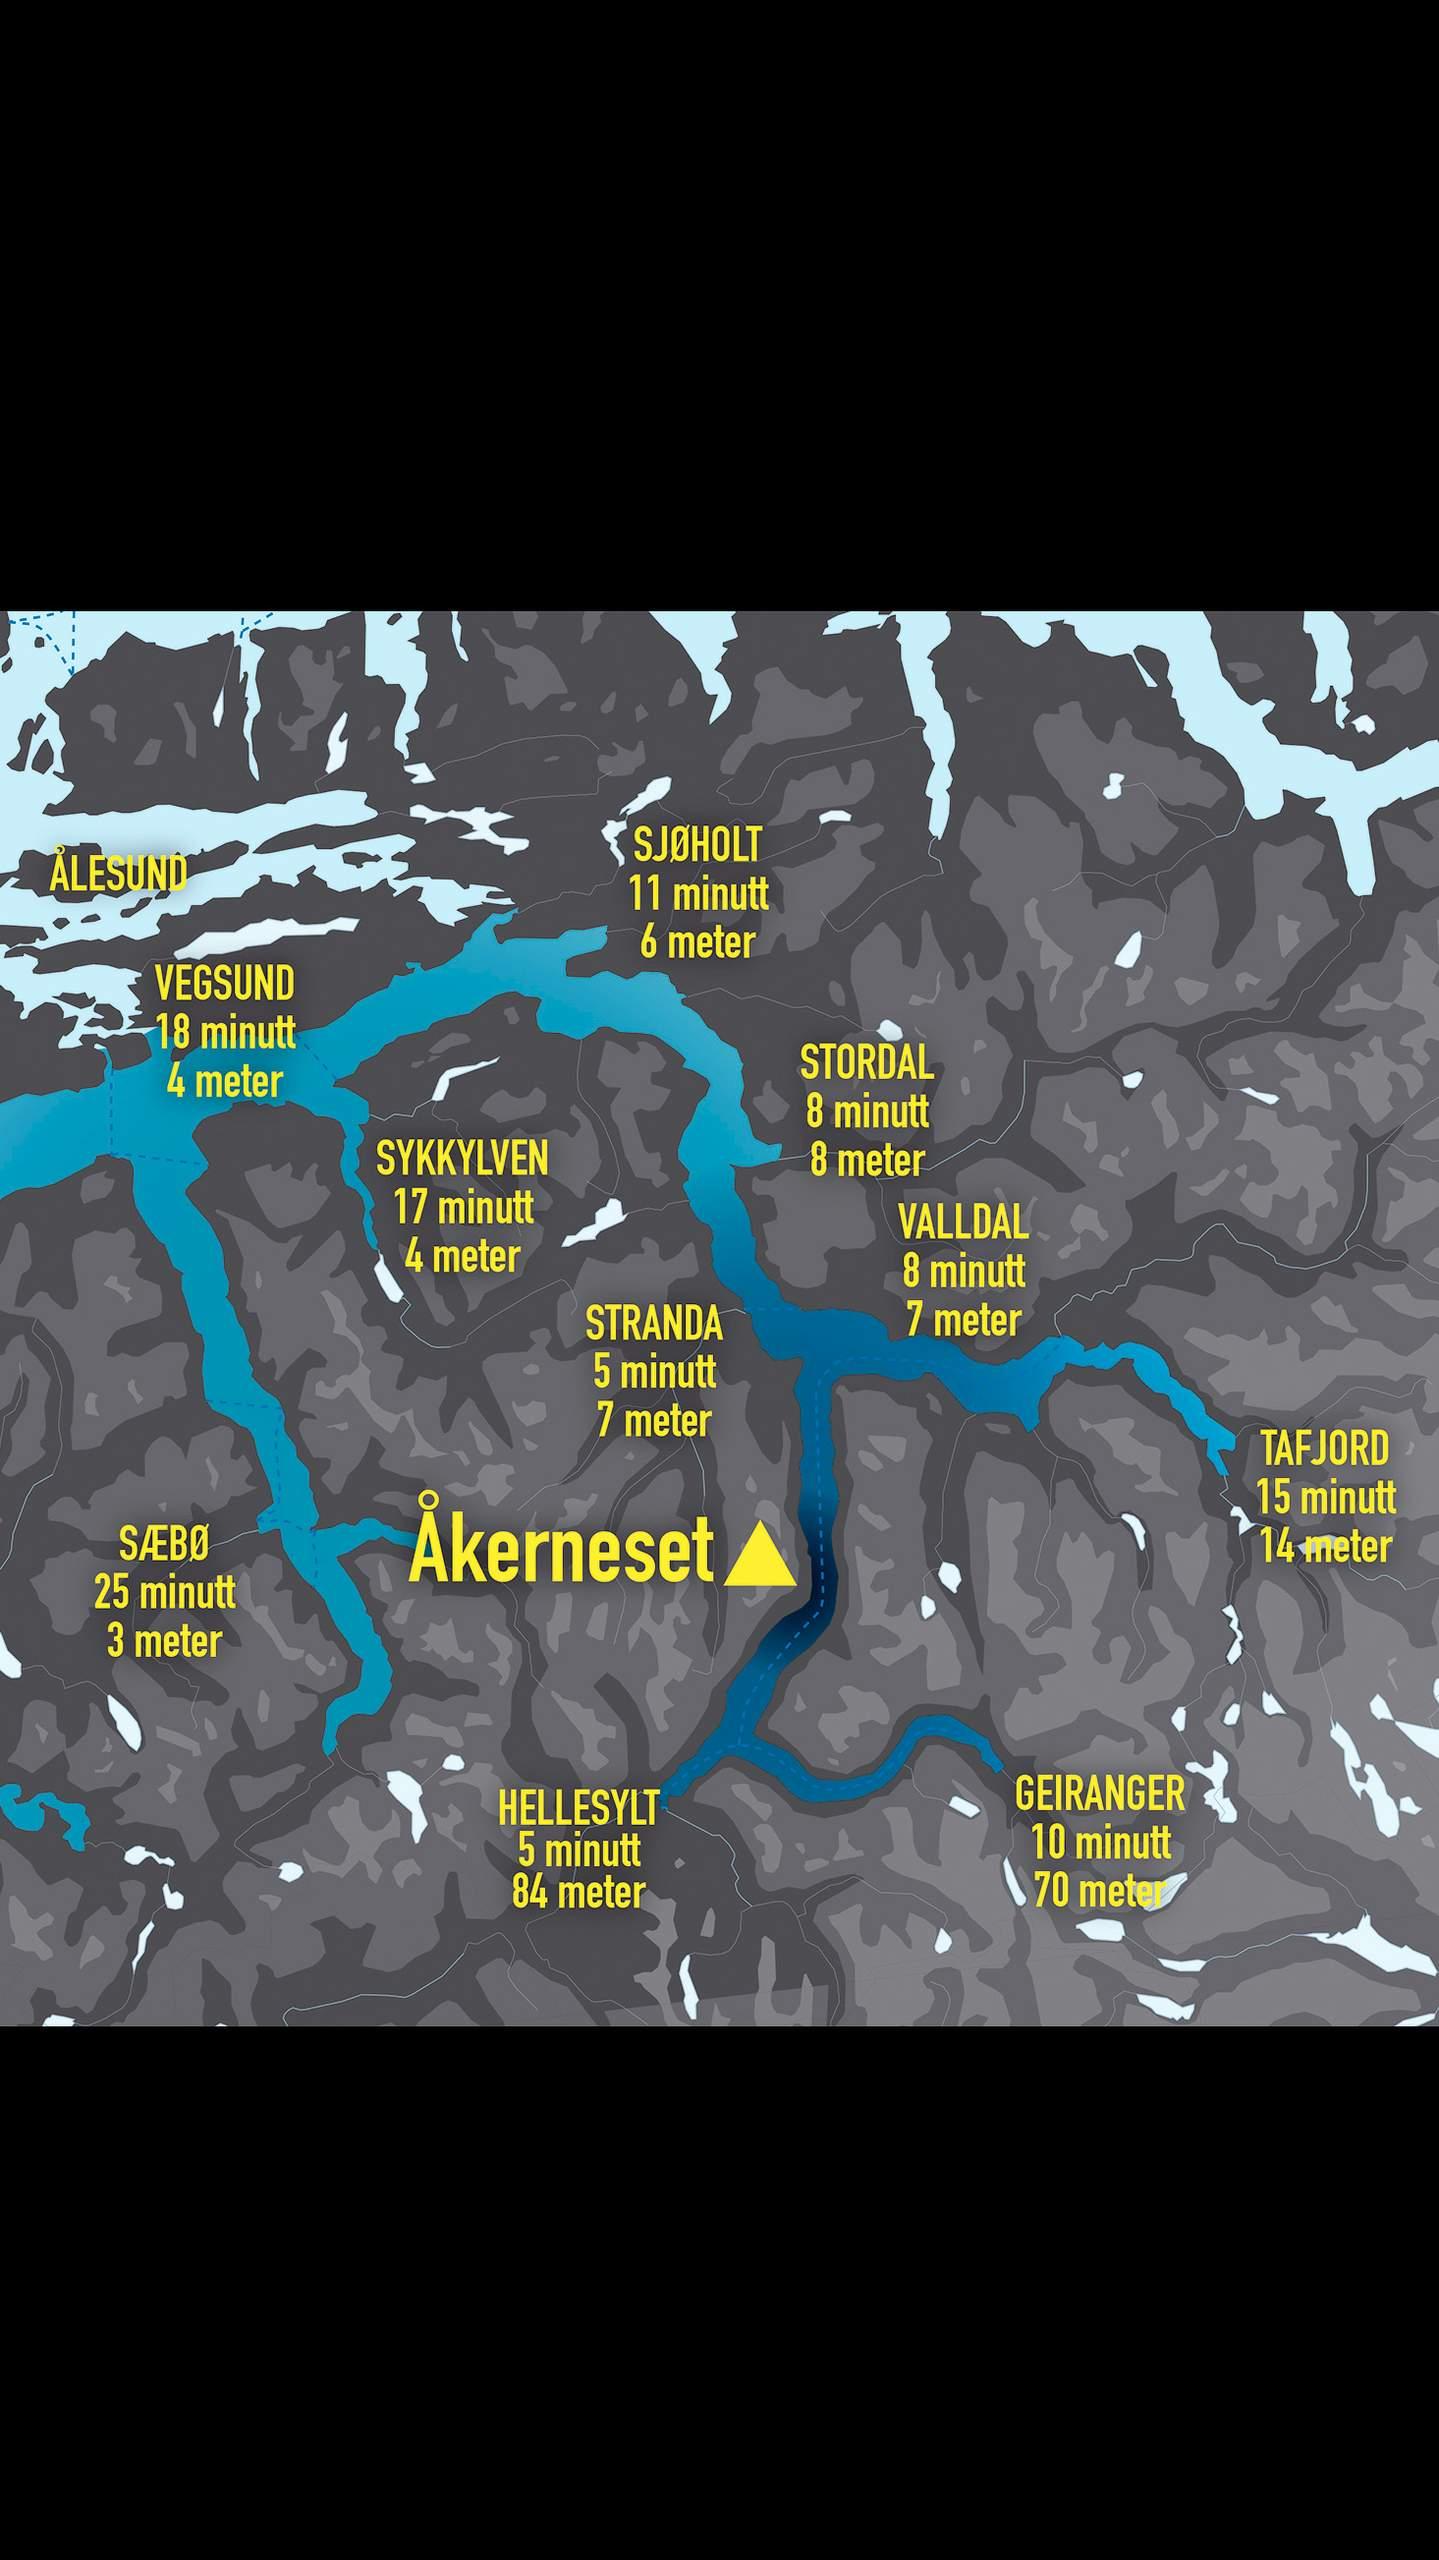 skredfare kart Fjellet som trugar   smp.no/nyheter – Nyheter fra Ålesund  skredfare kart